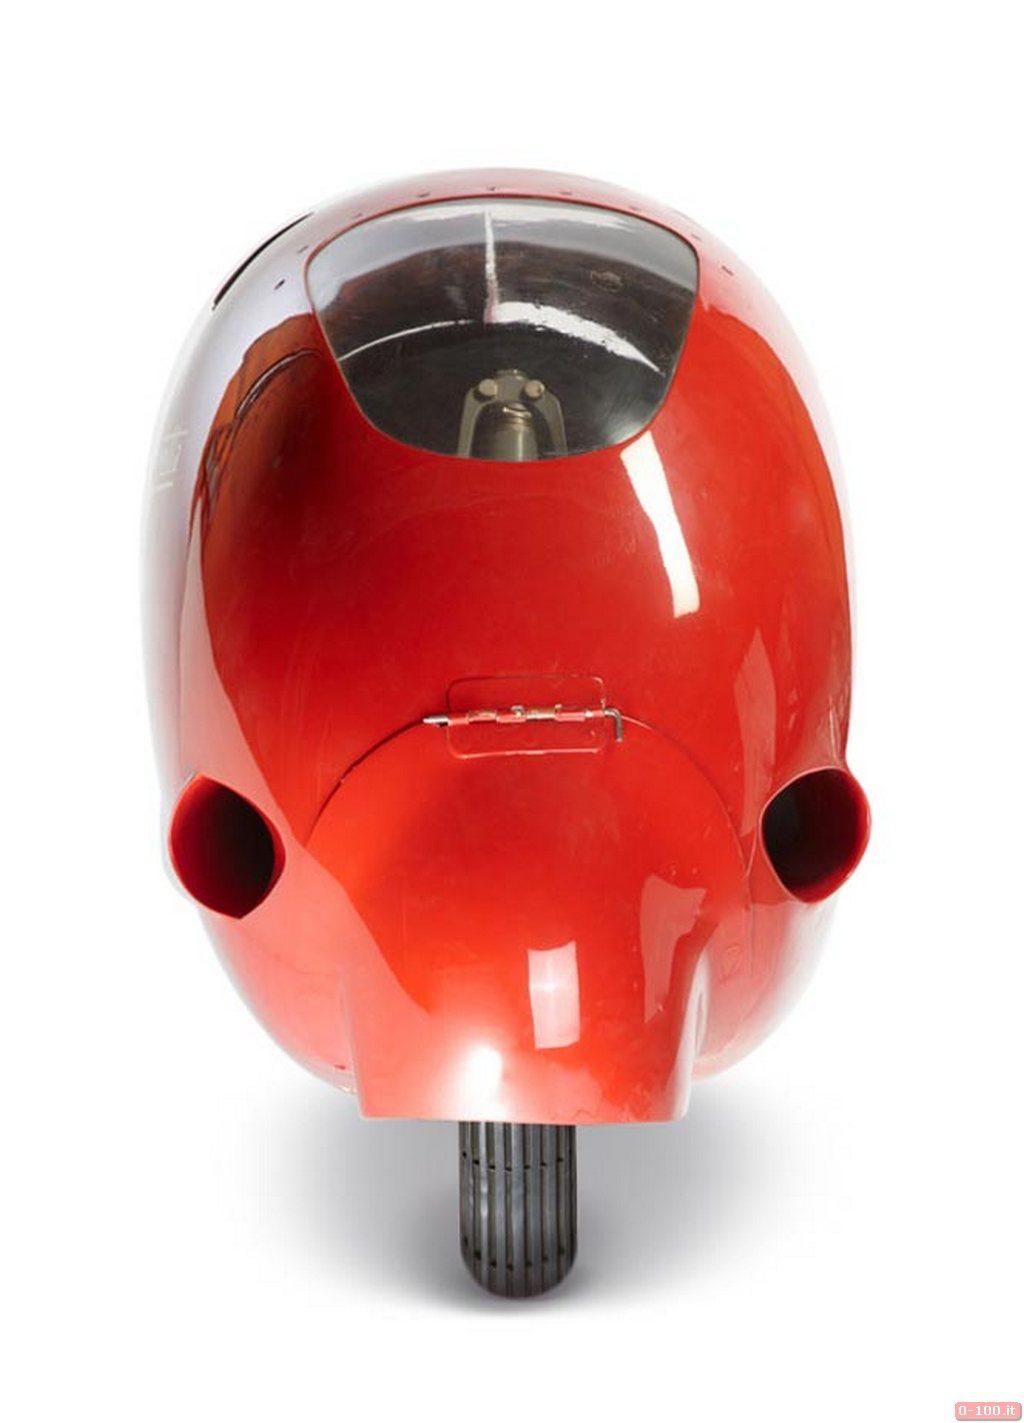 1951-lambretta-record-racer__0-1006